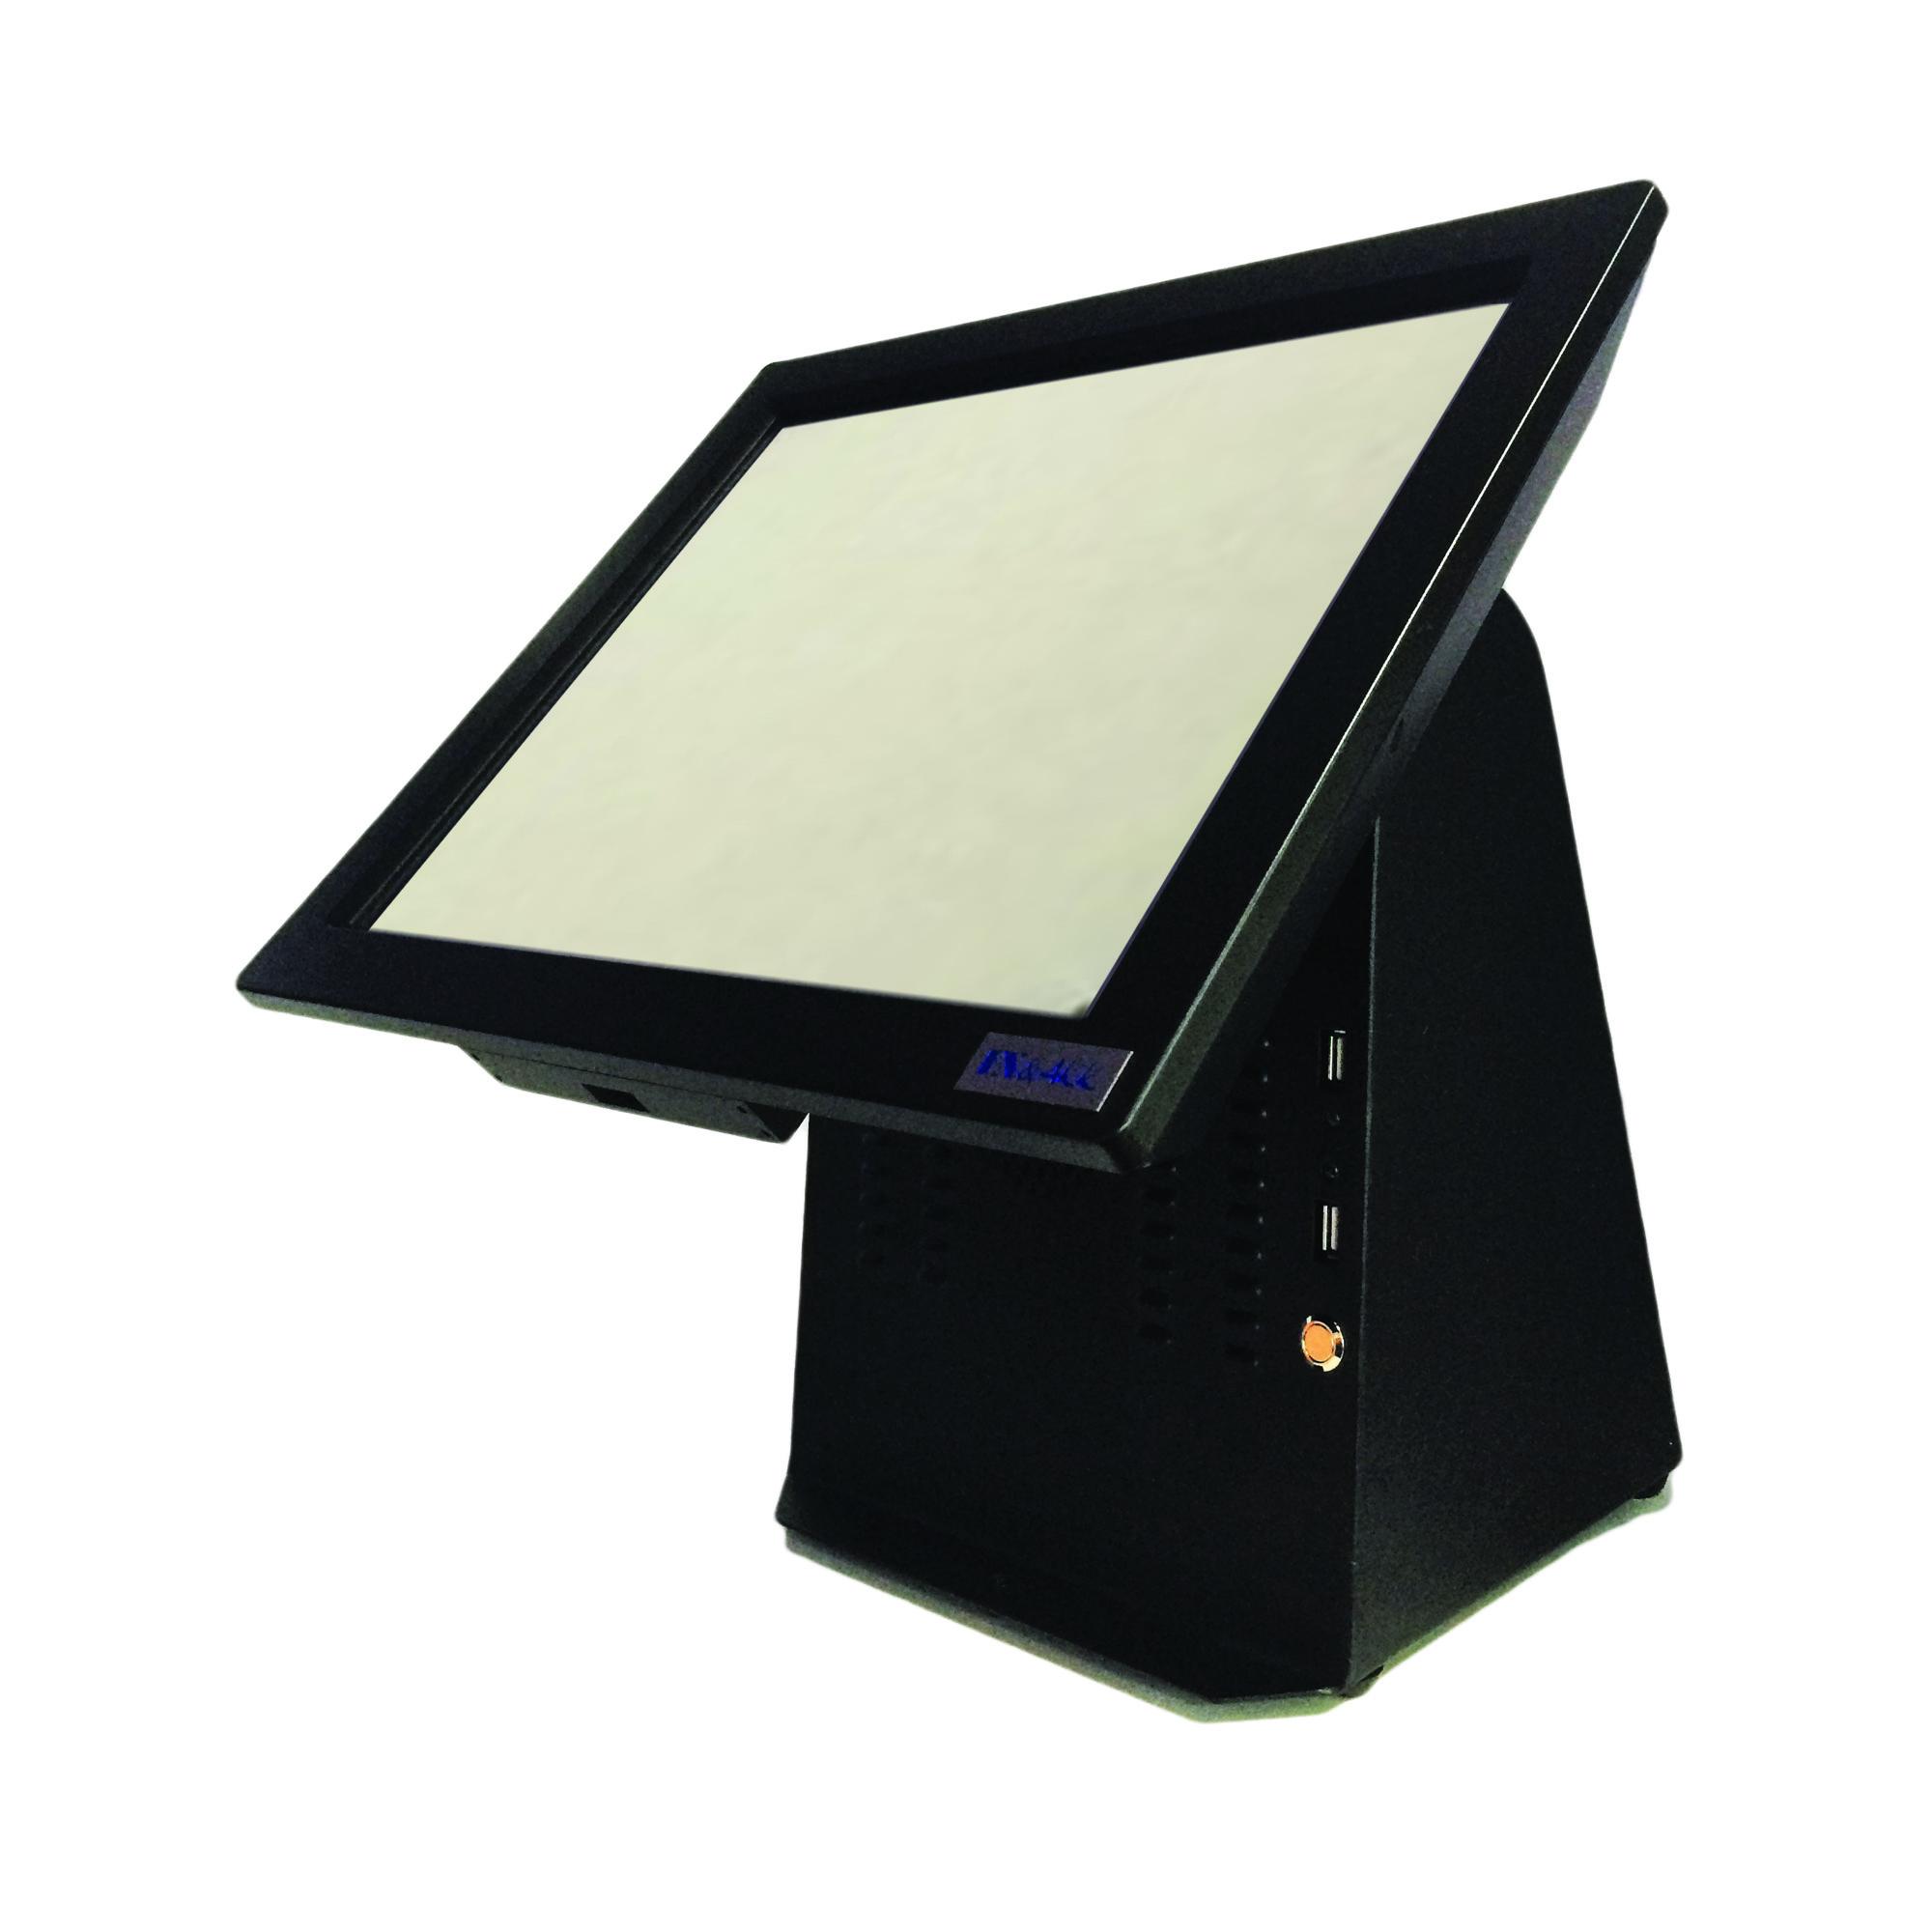 """คอมพิวเตอร์ระบบสัมผัส 15 นิ้ว Medium Duty สีดำ รุ่น IN-15A (All in One Touchscreen POS 15"""")"""